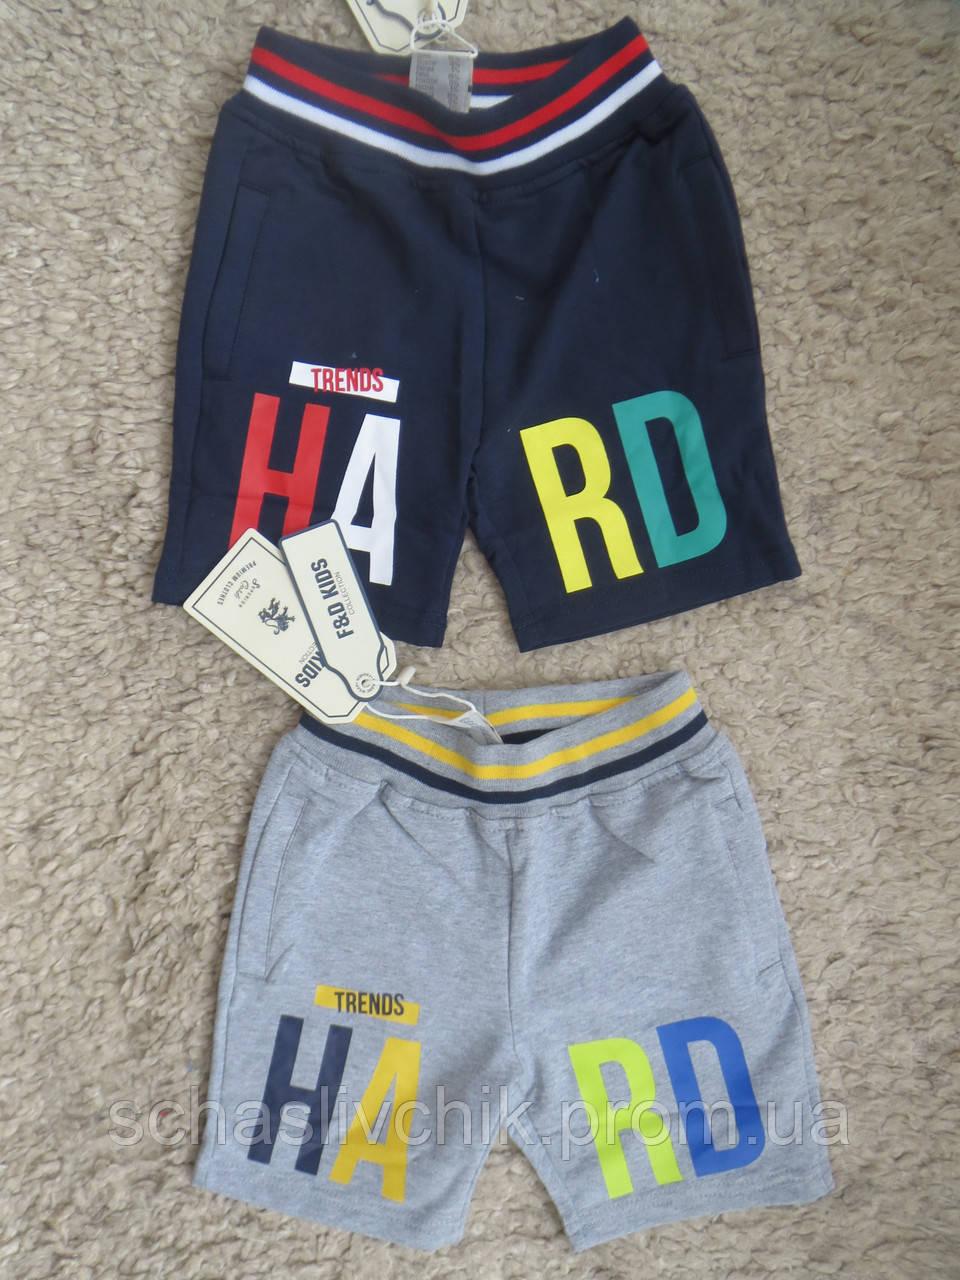 Детские джинсовые бриджи, шорты для мальчиков и девочек, размер 1-5, фирма F&D